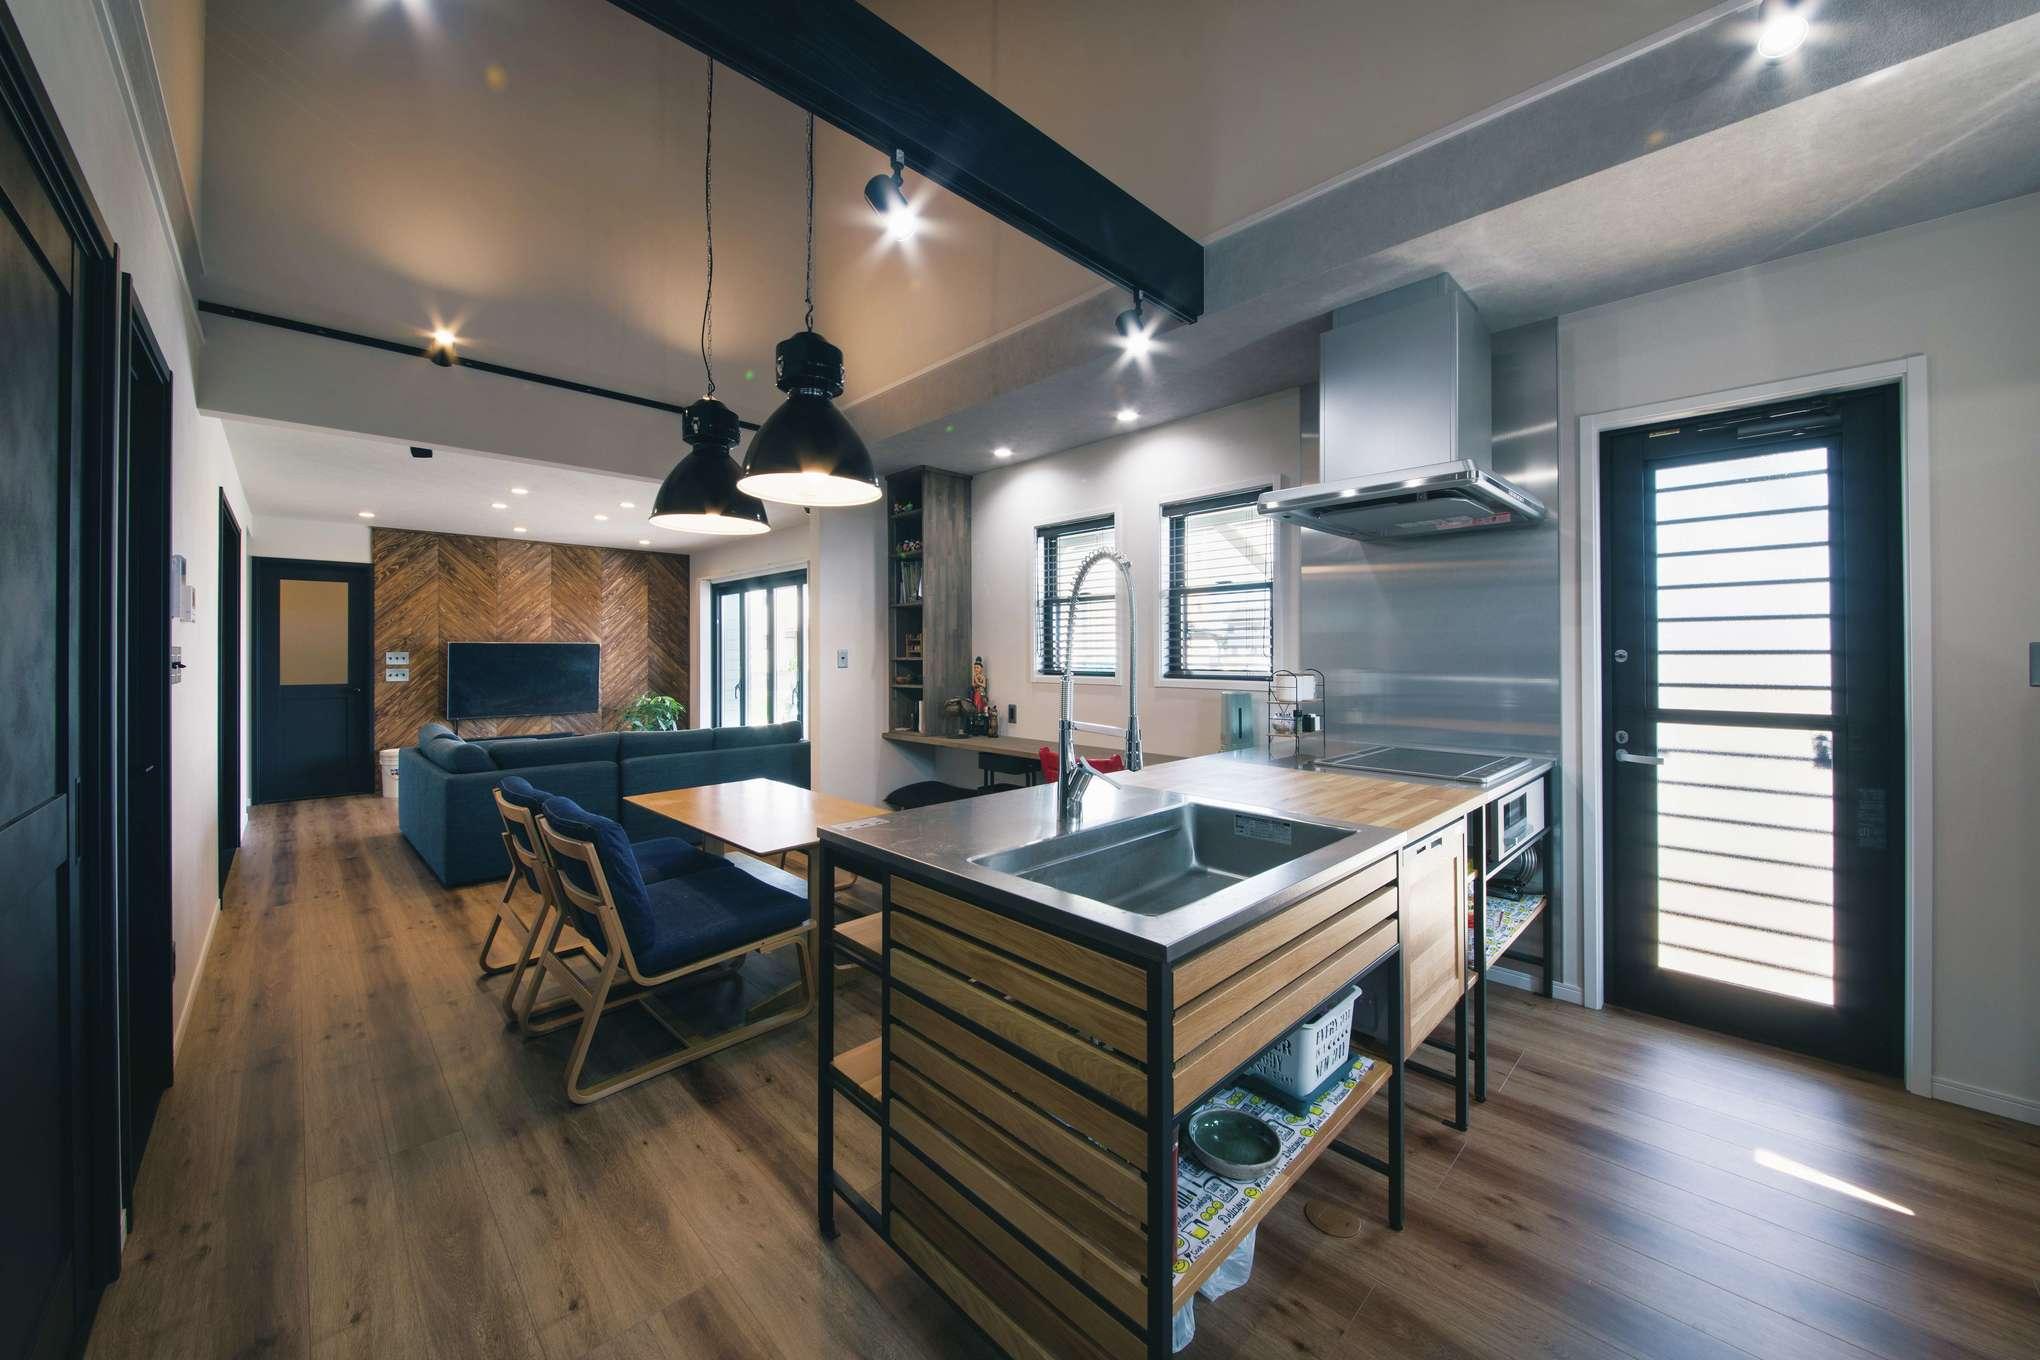 木場建築設計 KIBA-AD【デザイン住宅、屋上バルコニー、趣味】吹抜けのダイニングキッチンからは、家族がどこにいても見渡せて安心できる。勝手口からカヴァードポーチ、玄関へと回遊できる動線が便利